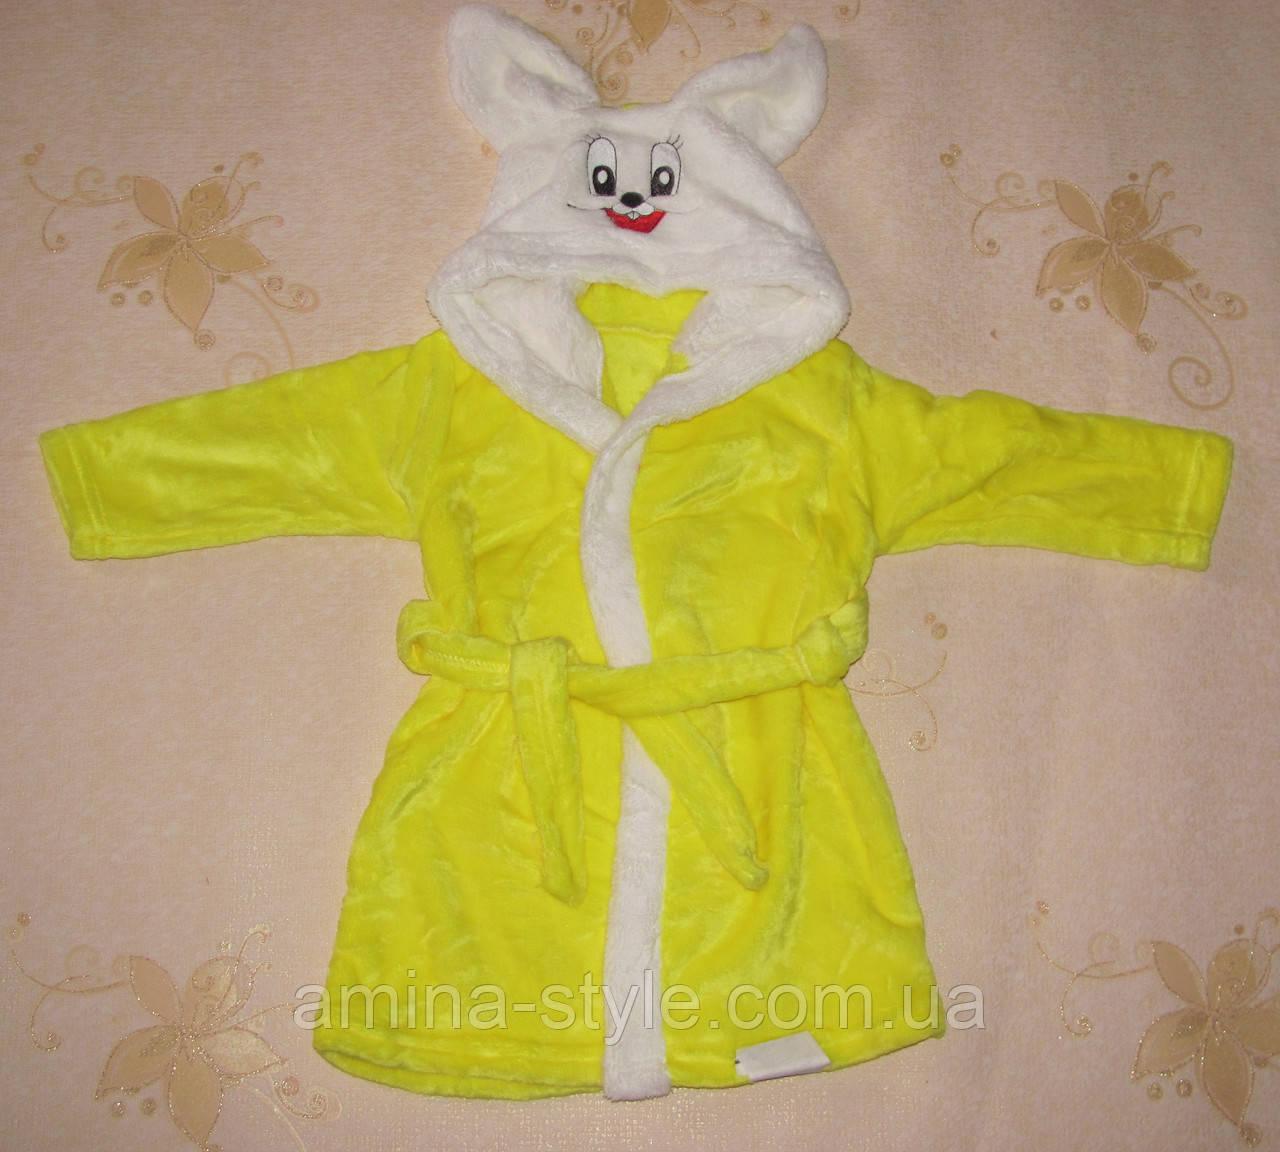 Детский махровый халат Зайка, ЖЕЛТЫЙ размер 28 (рост 92-98см)